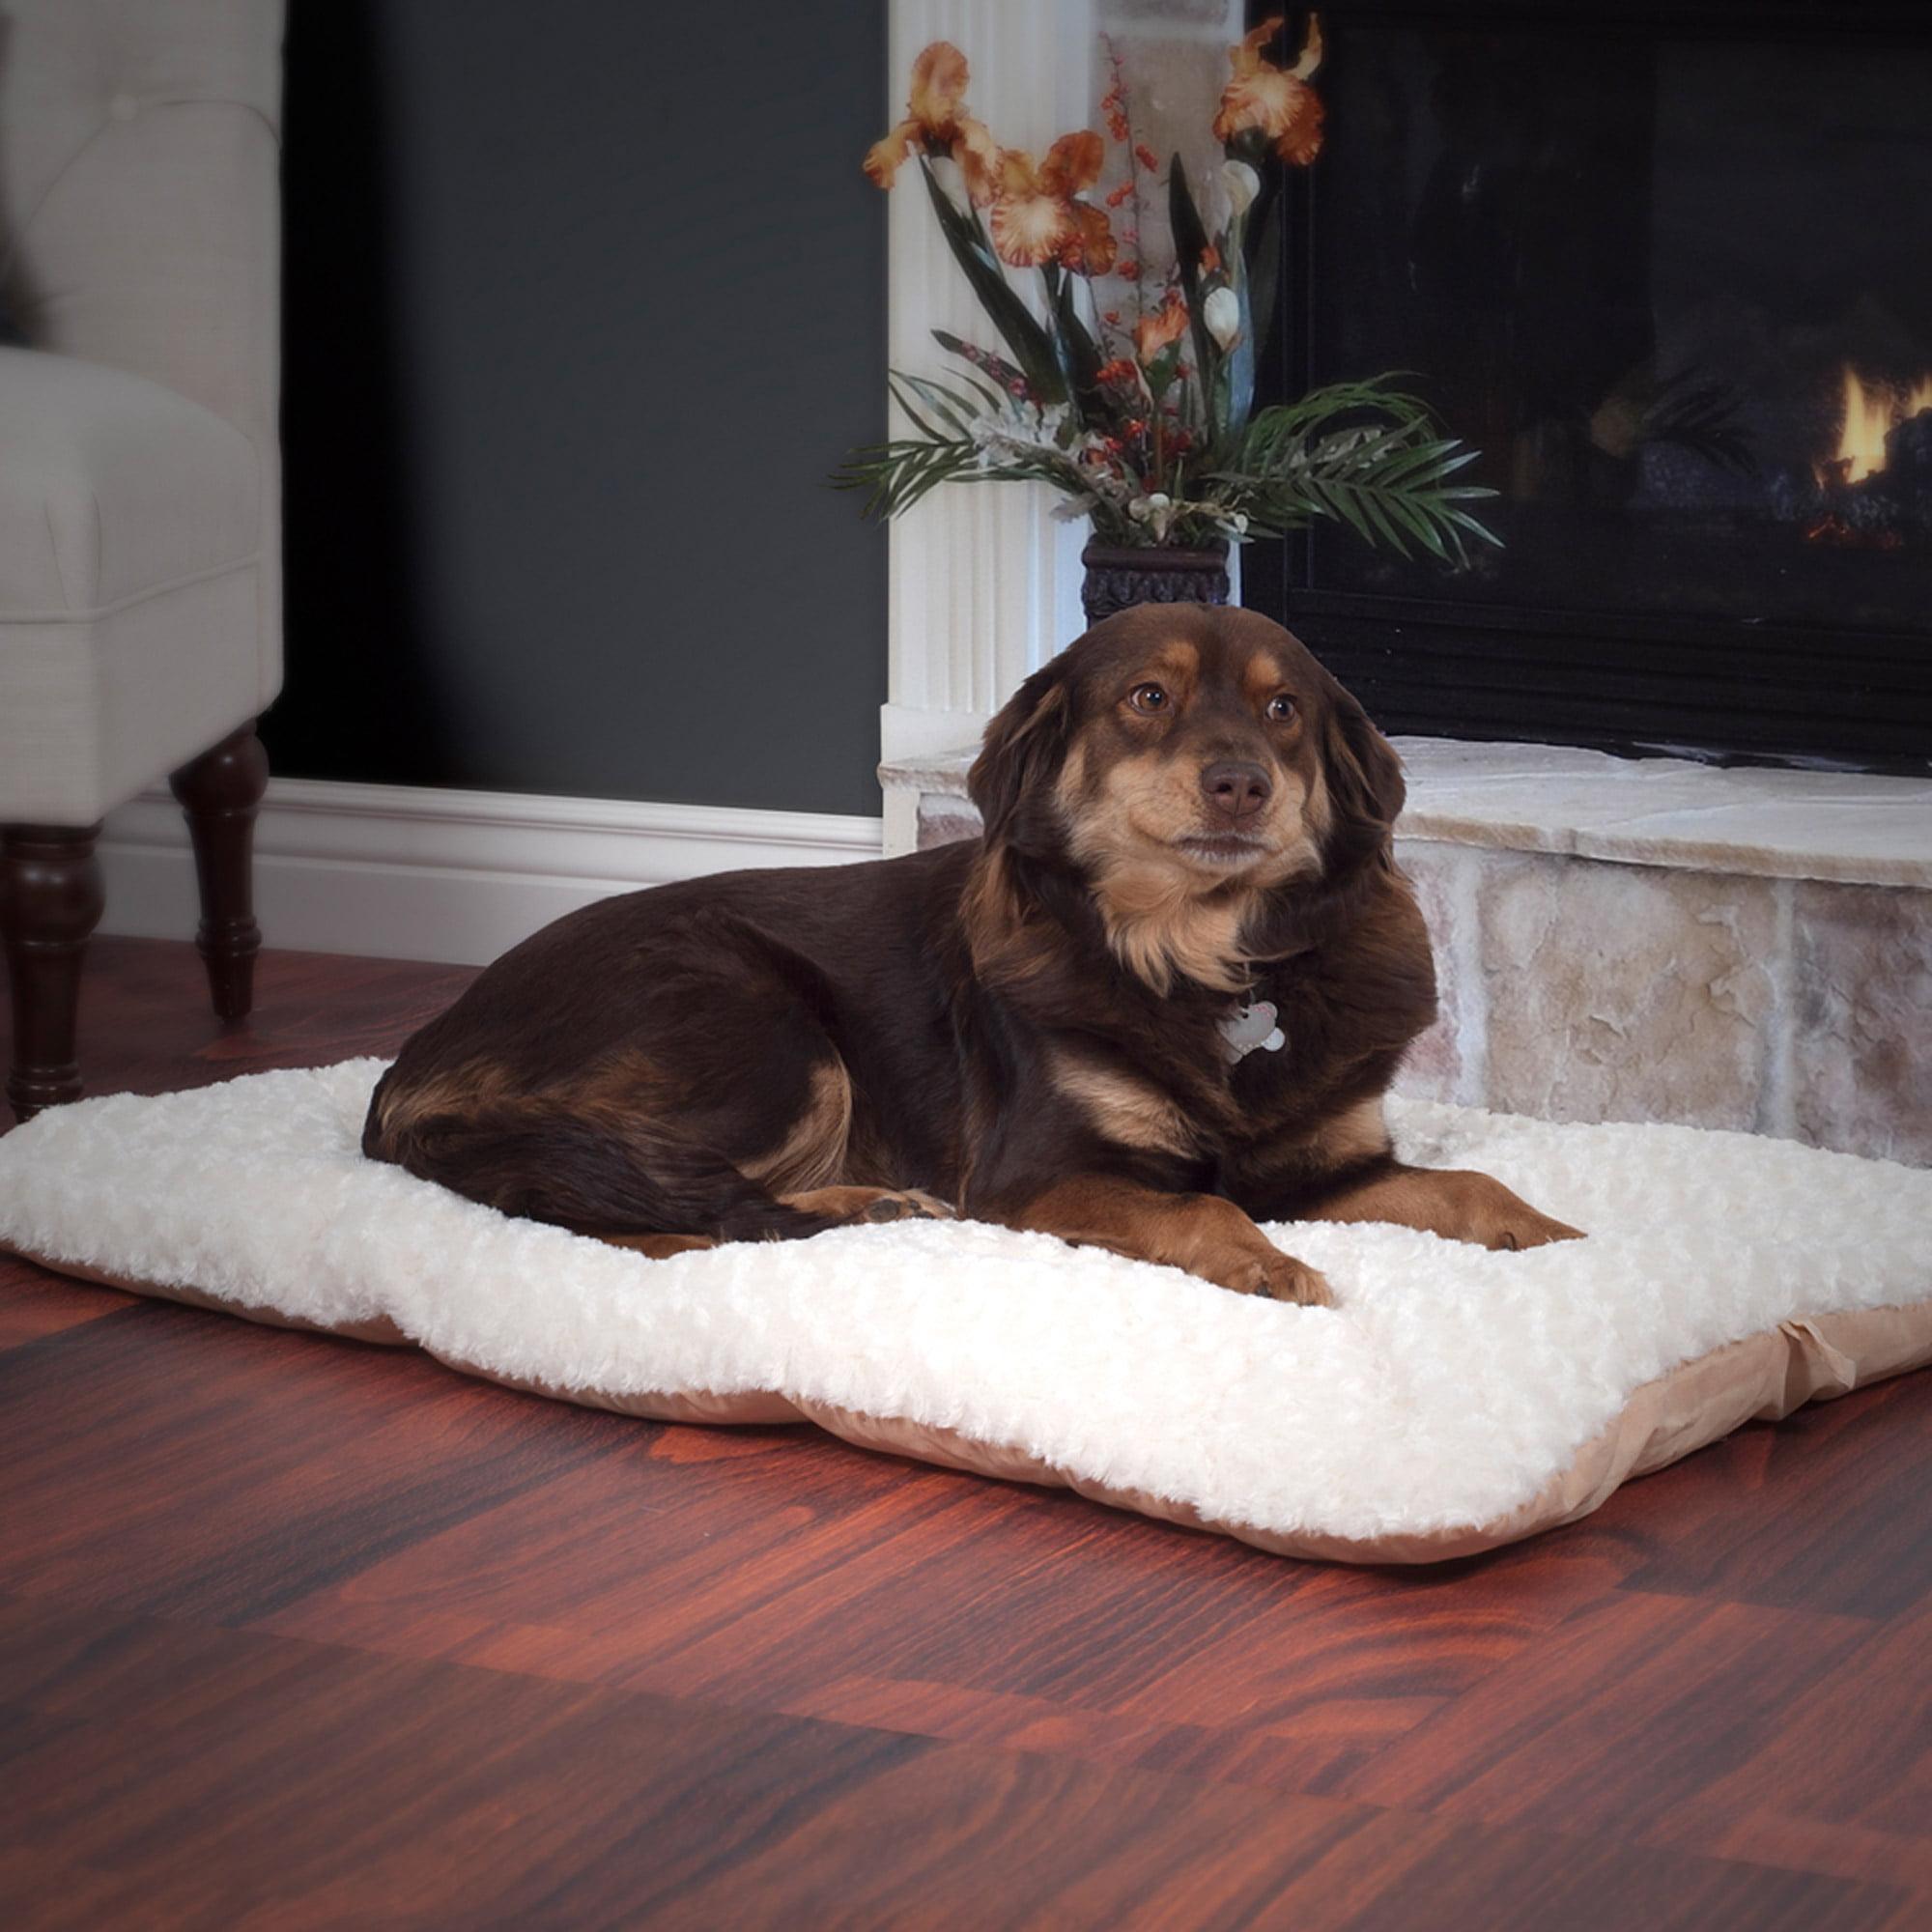 PETMAKER Lavish Cushion Pillow Furry Pet Bed, Latte